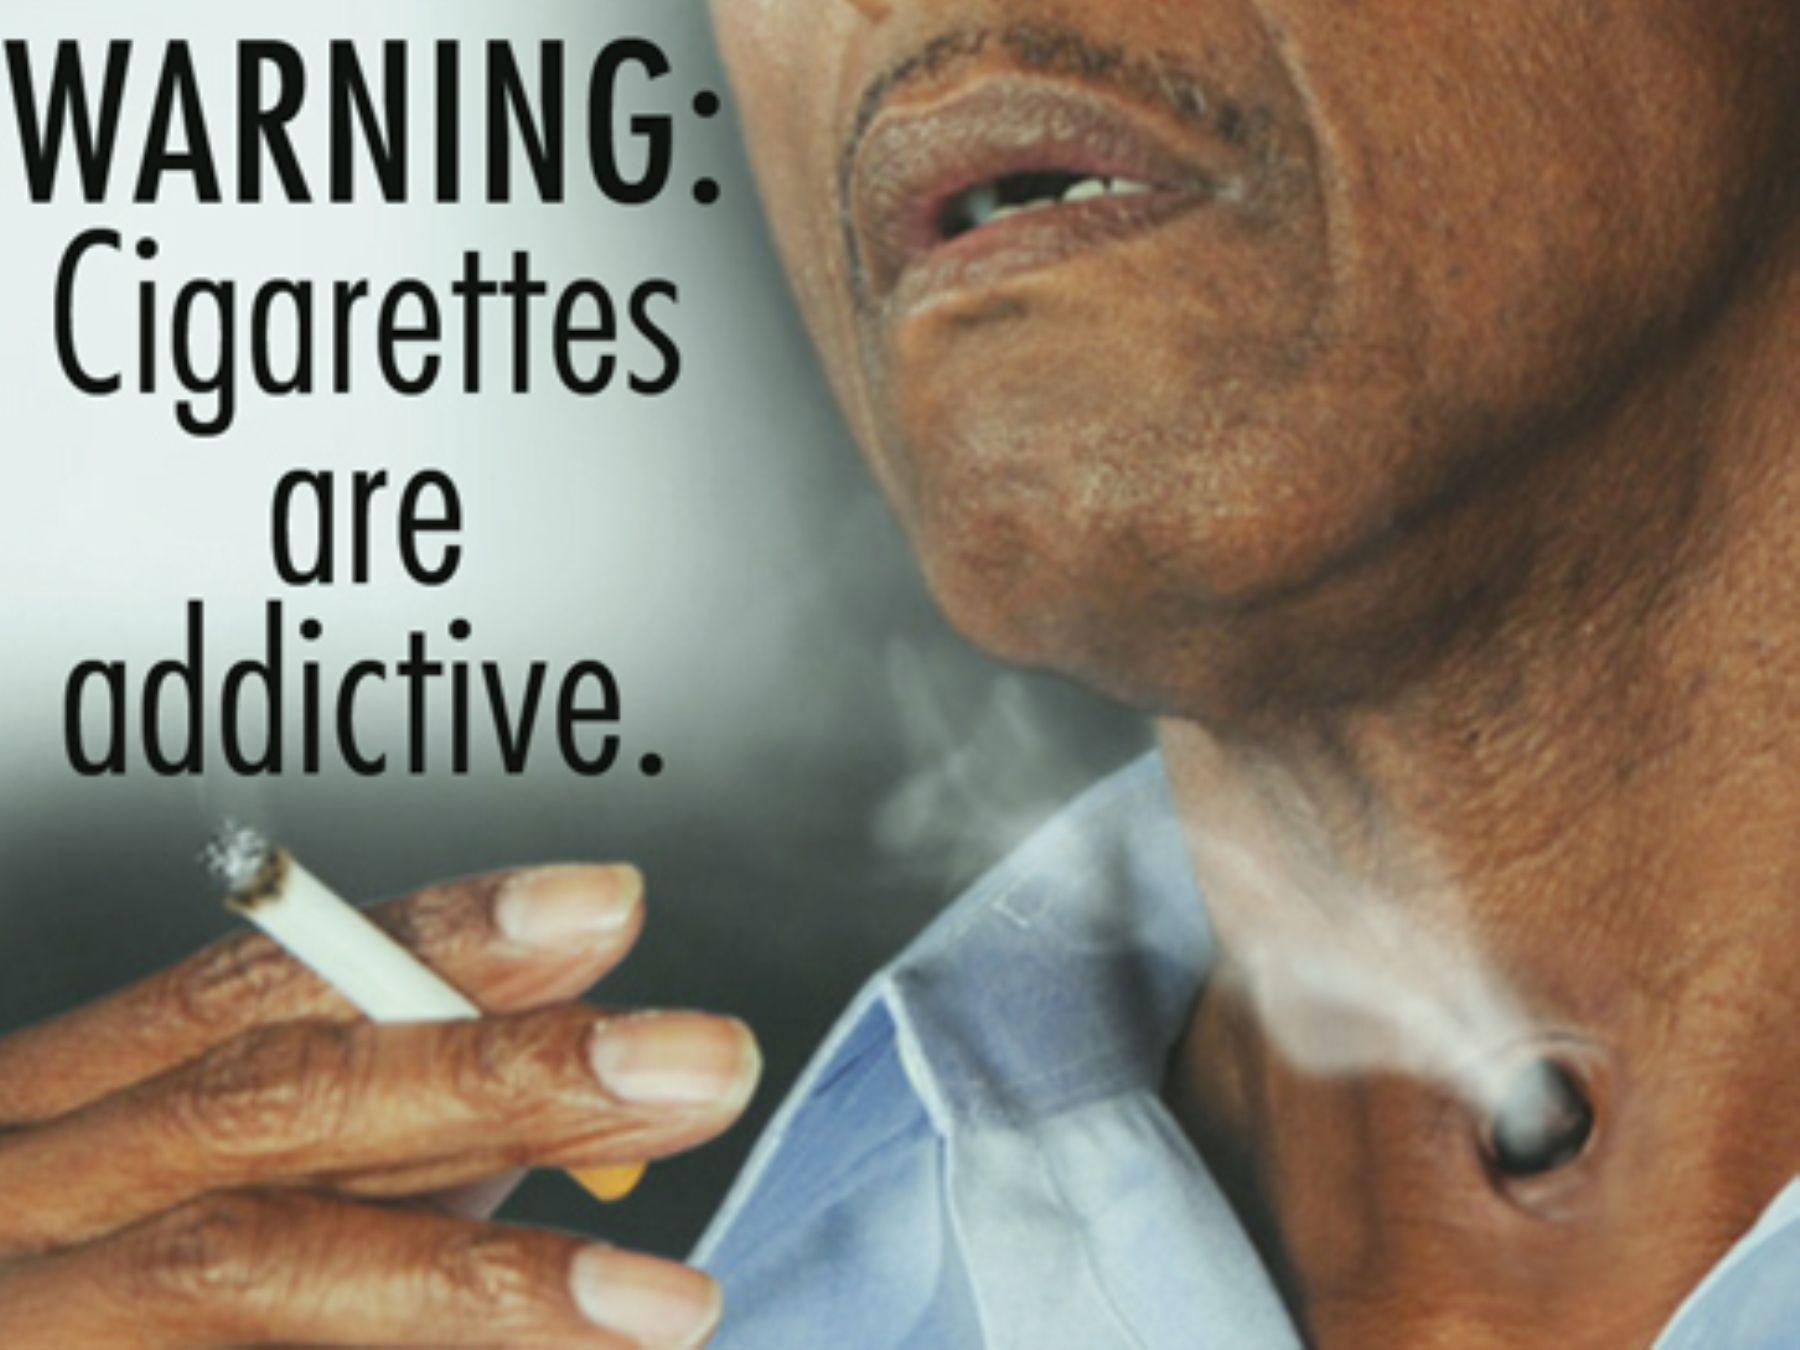 Advertencia contra el consumo excesivo de tabaco. Cortesía